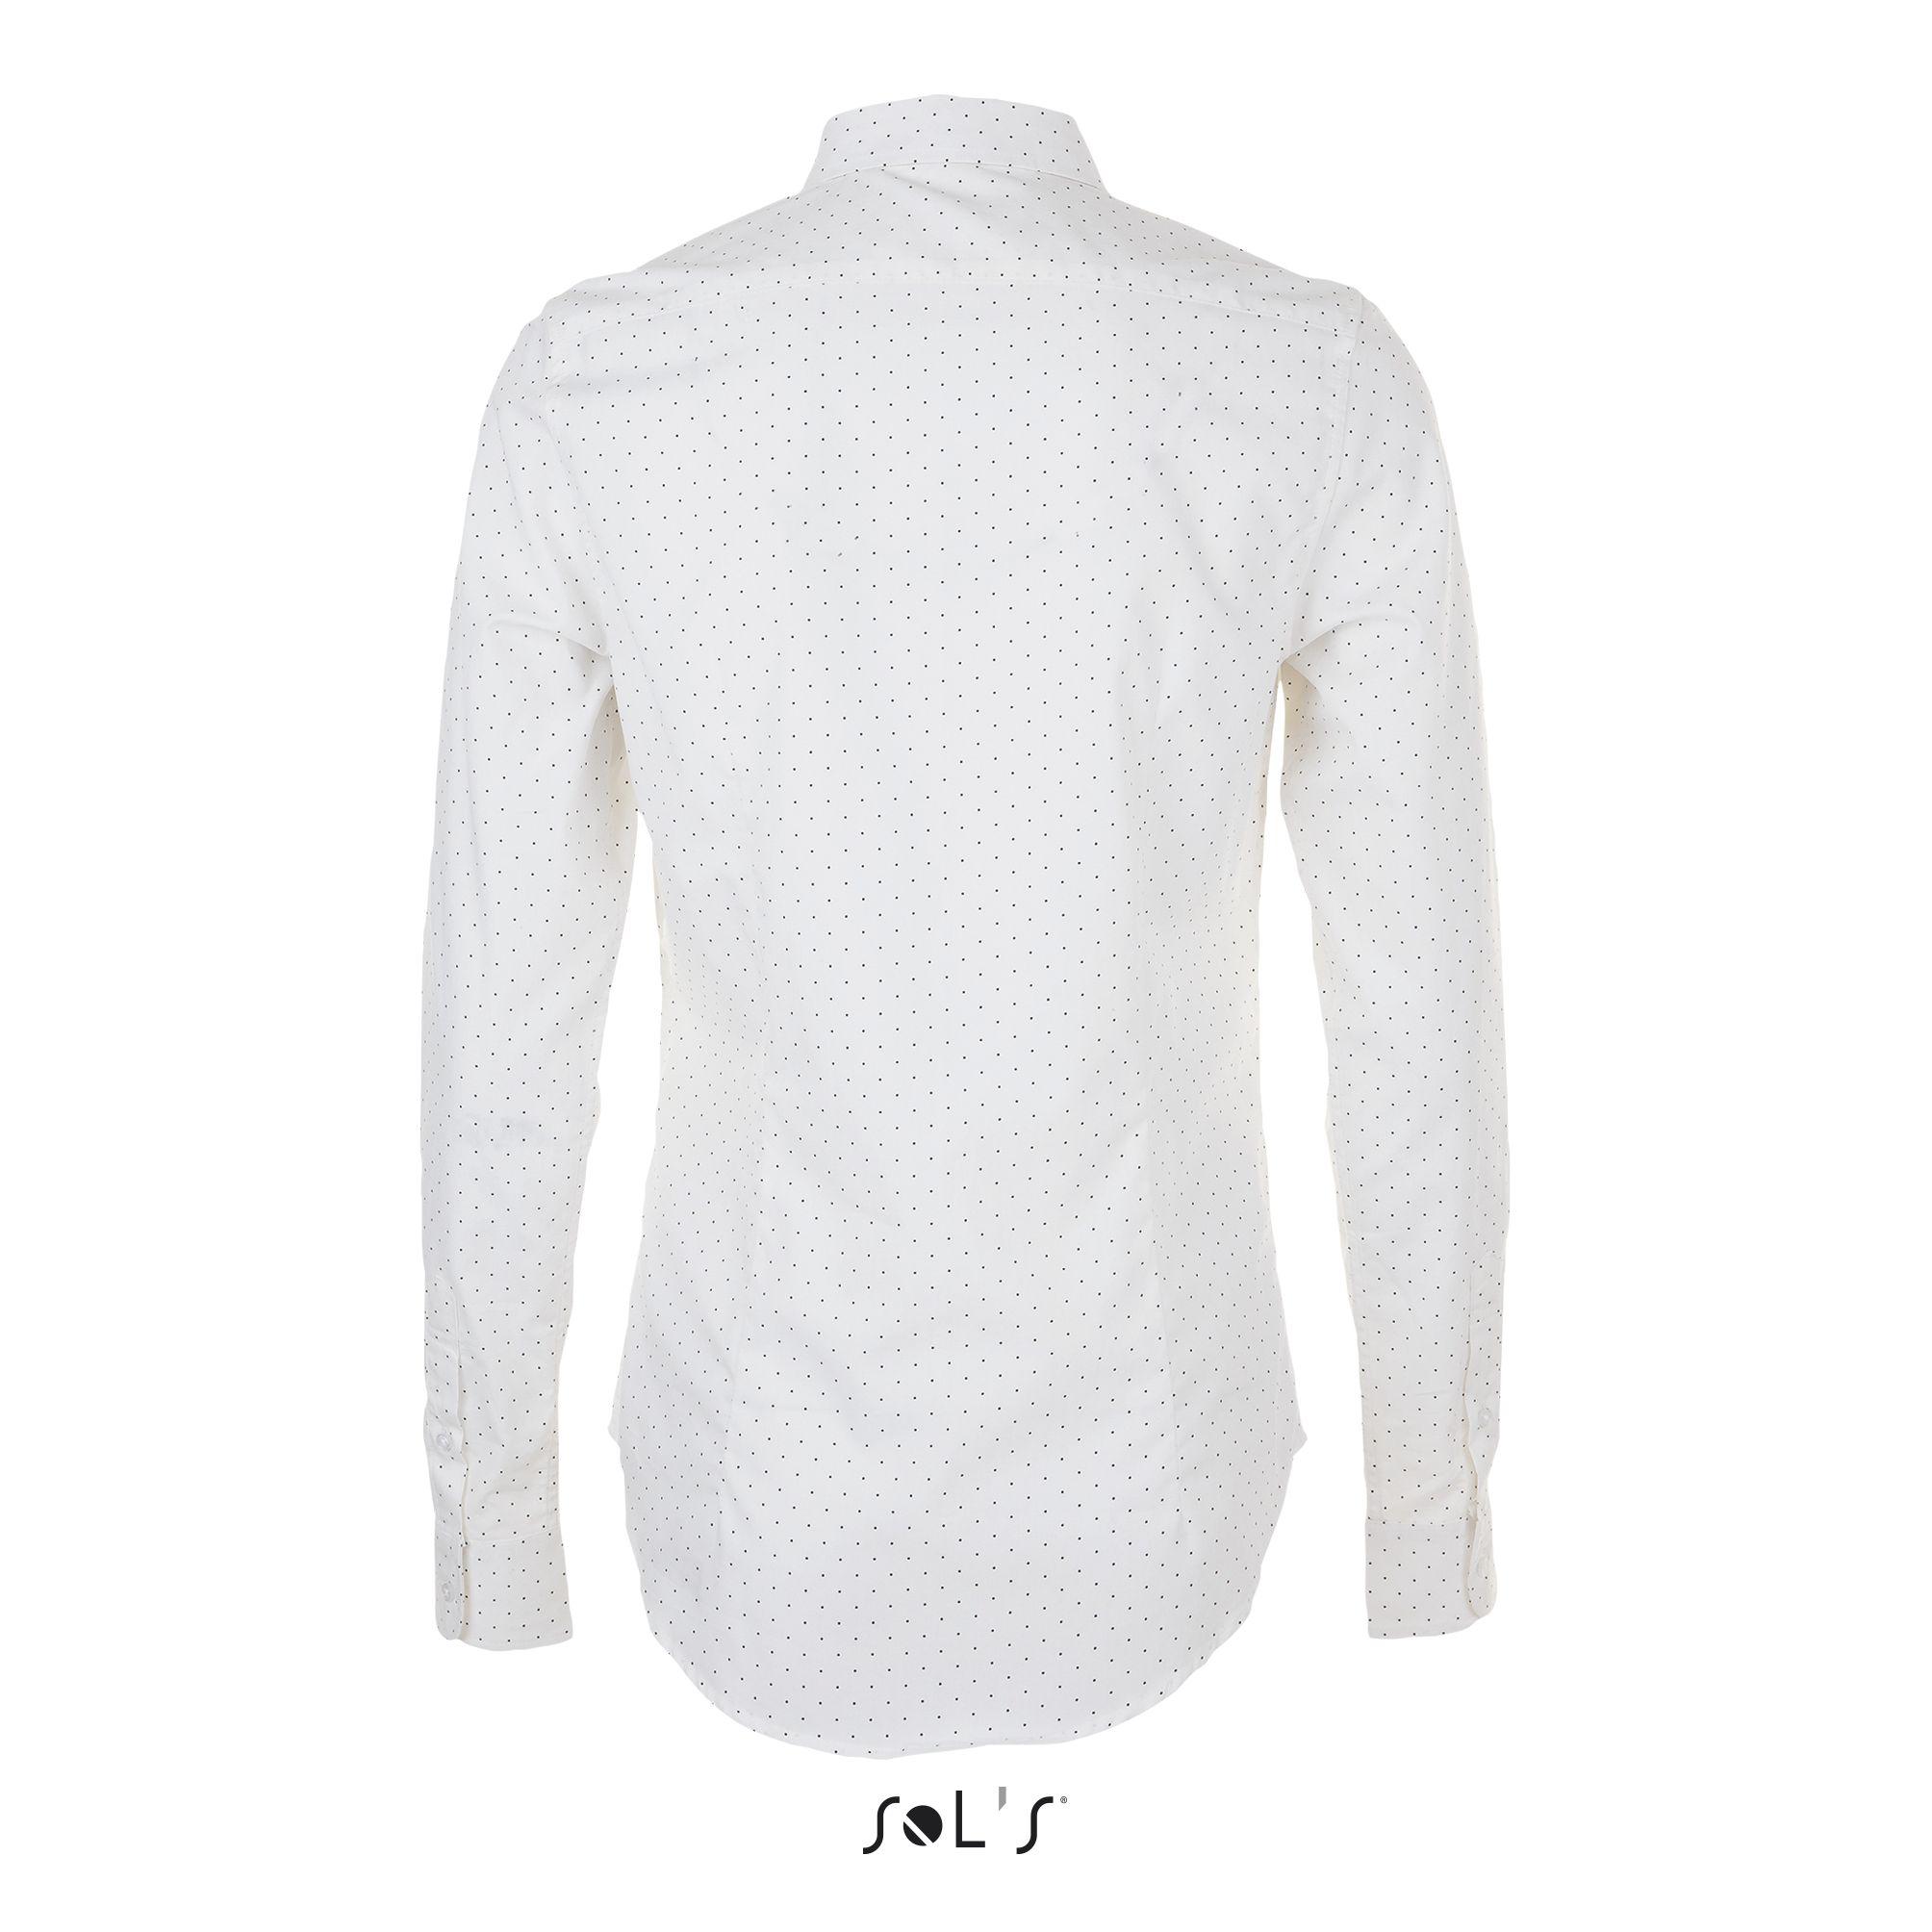 989 - White / French navy